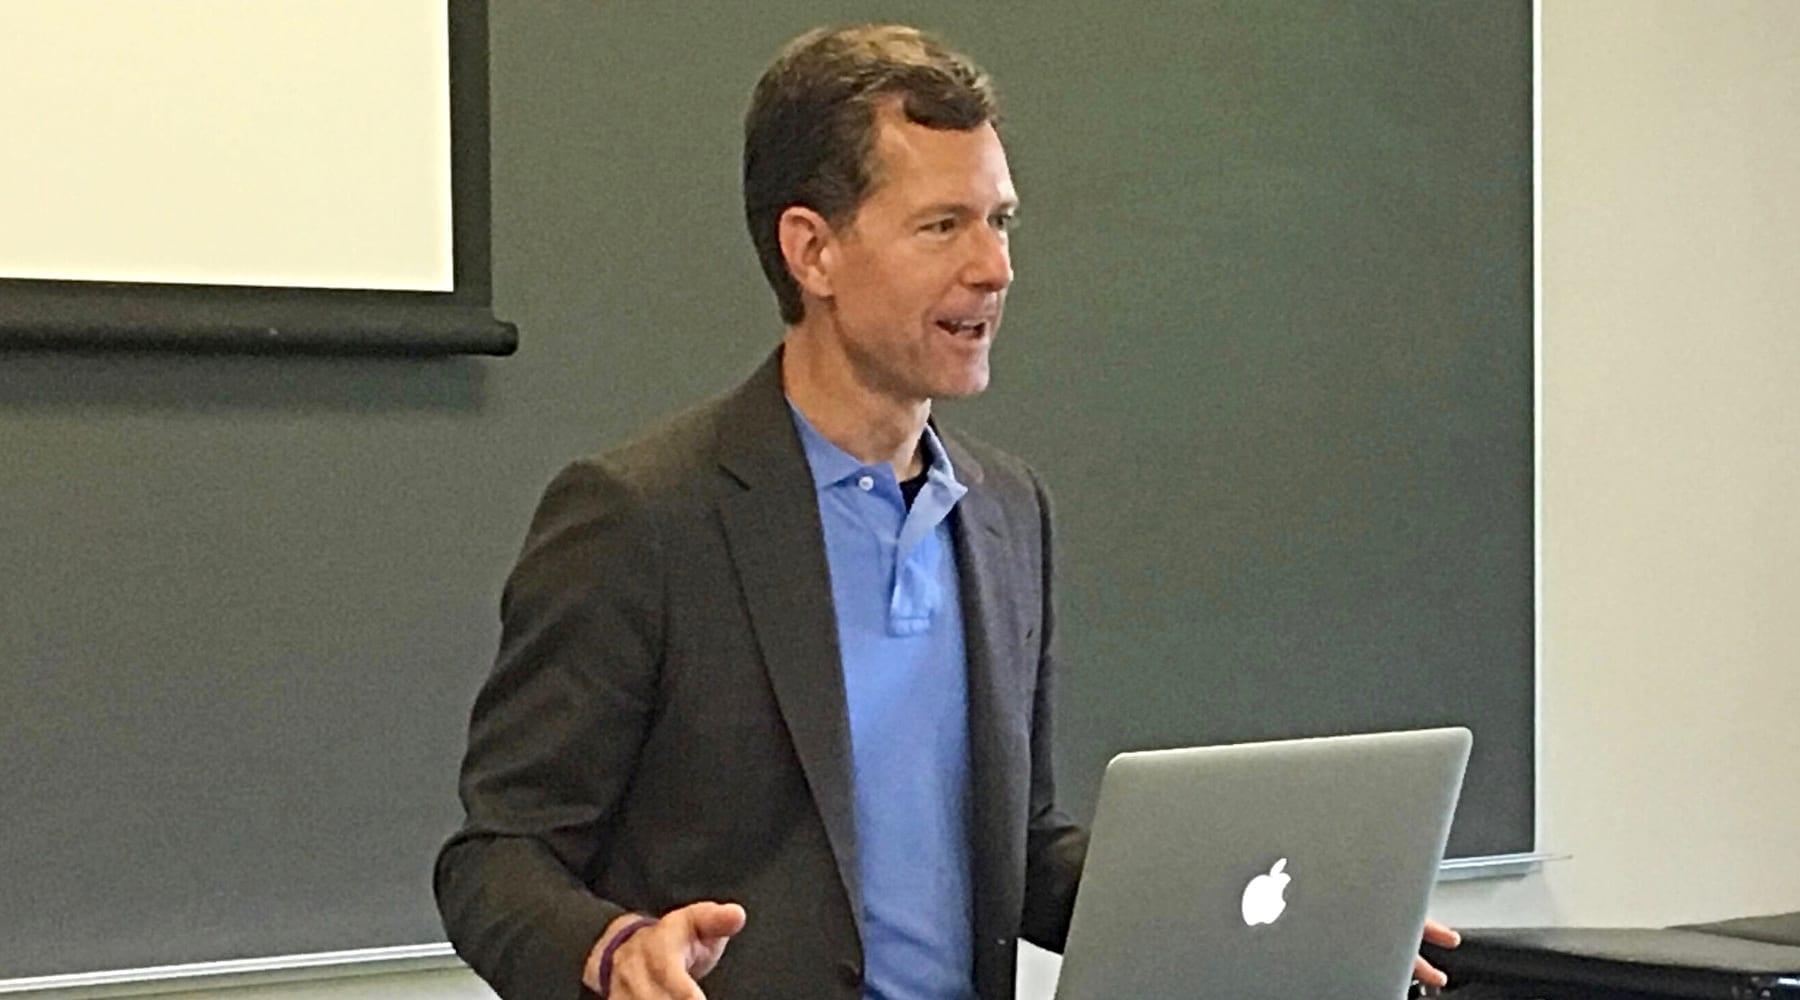 Profiles in Goodwill: Steven R. Harmon